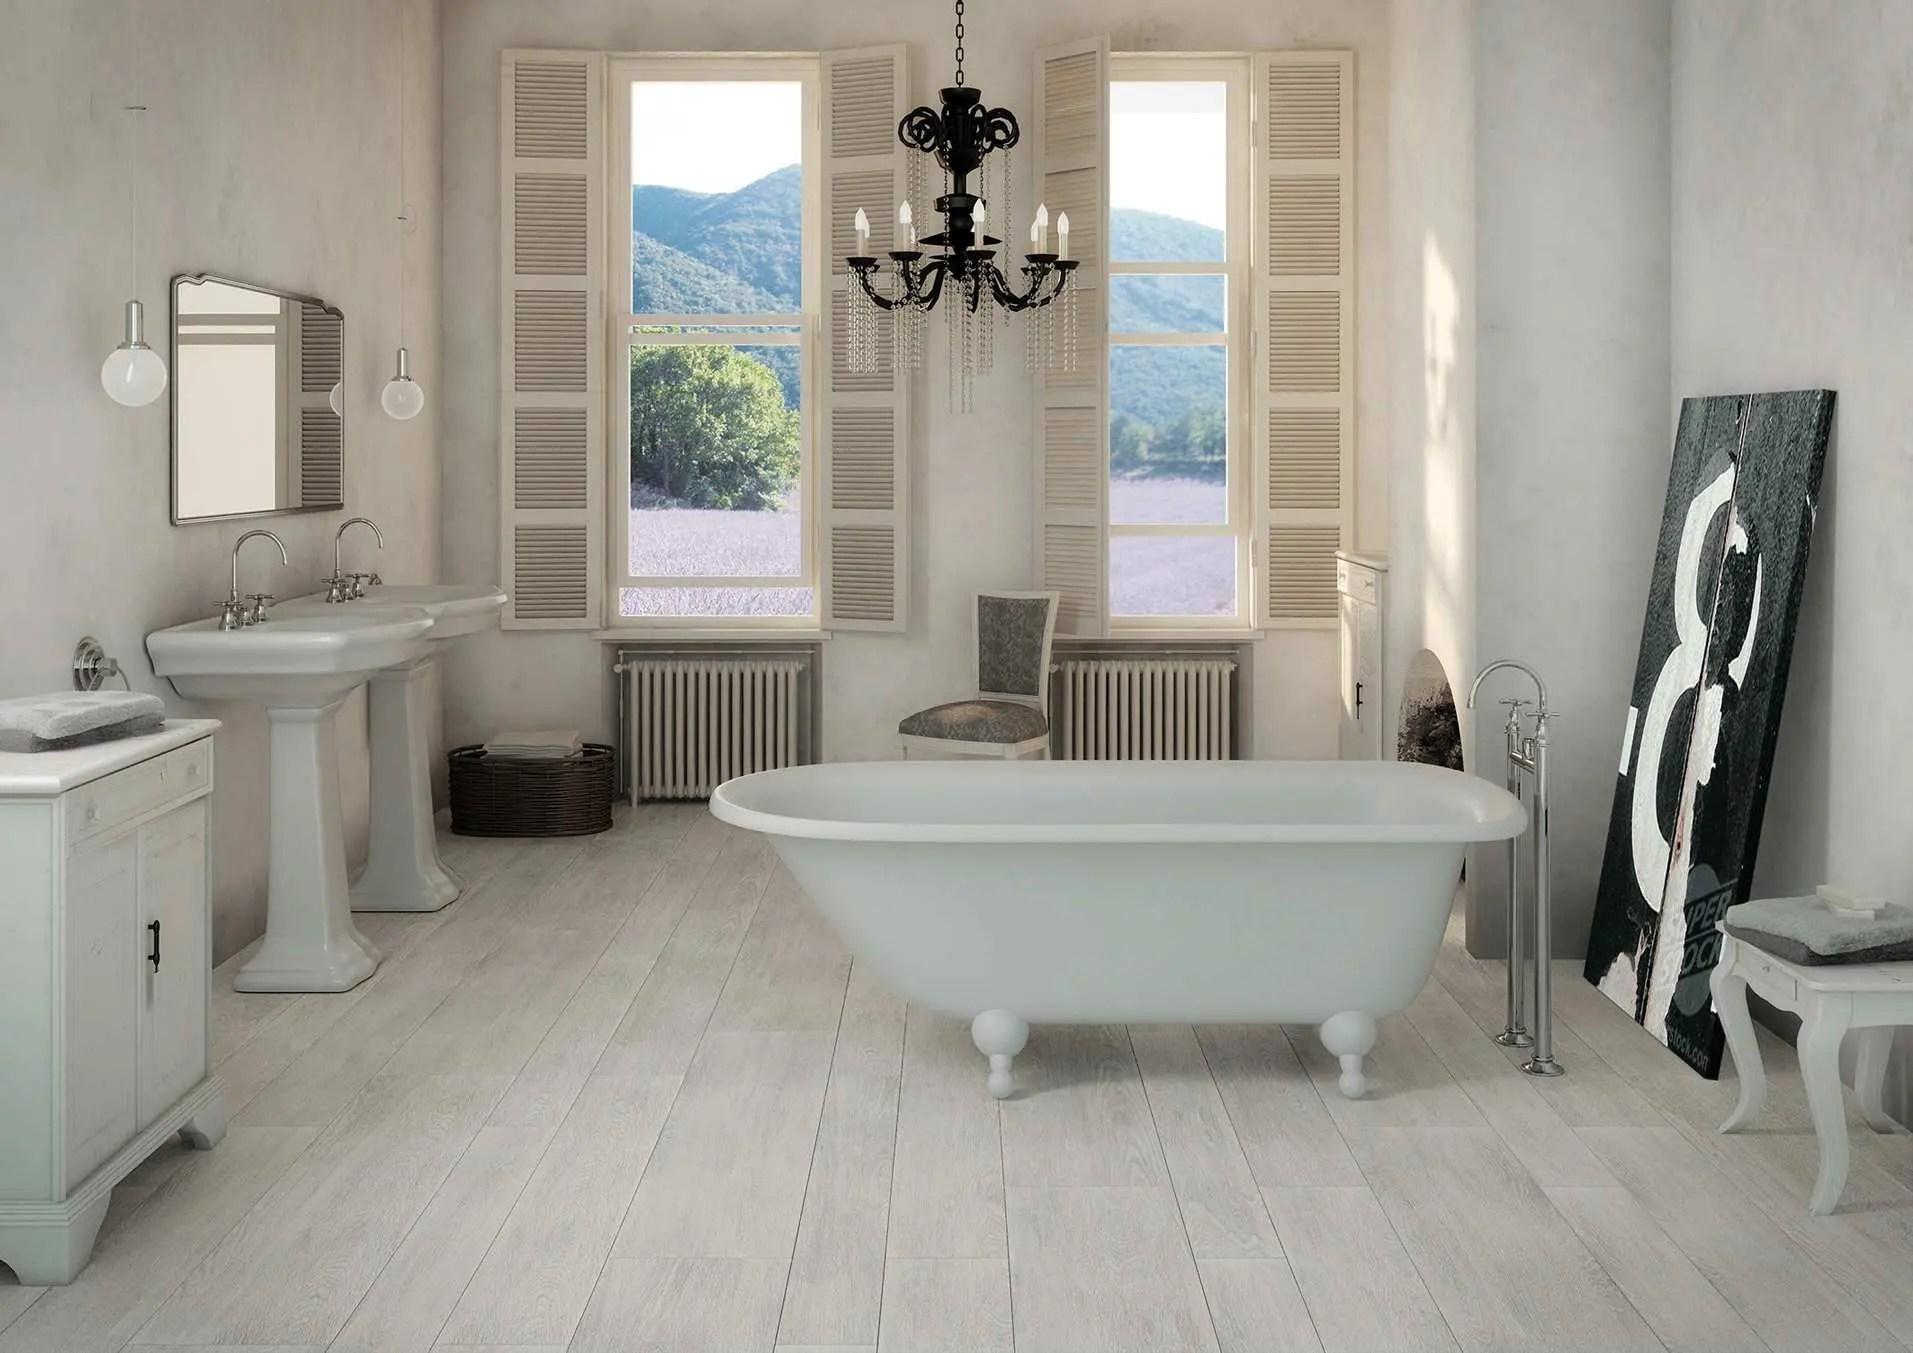 Piastrelle per il bagno effetto legno allways puro design - Piastrelle bagno legno ...